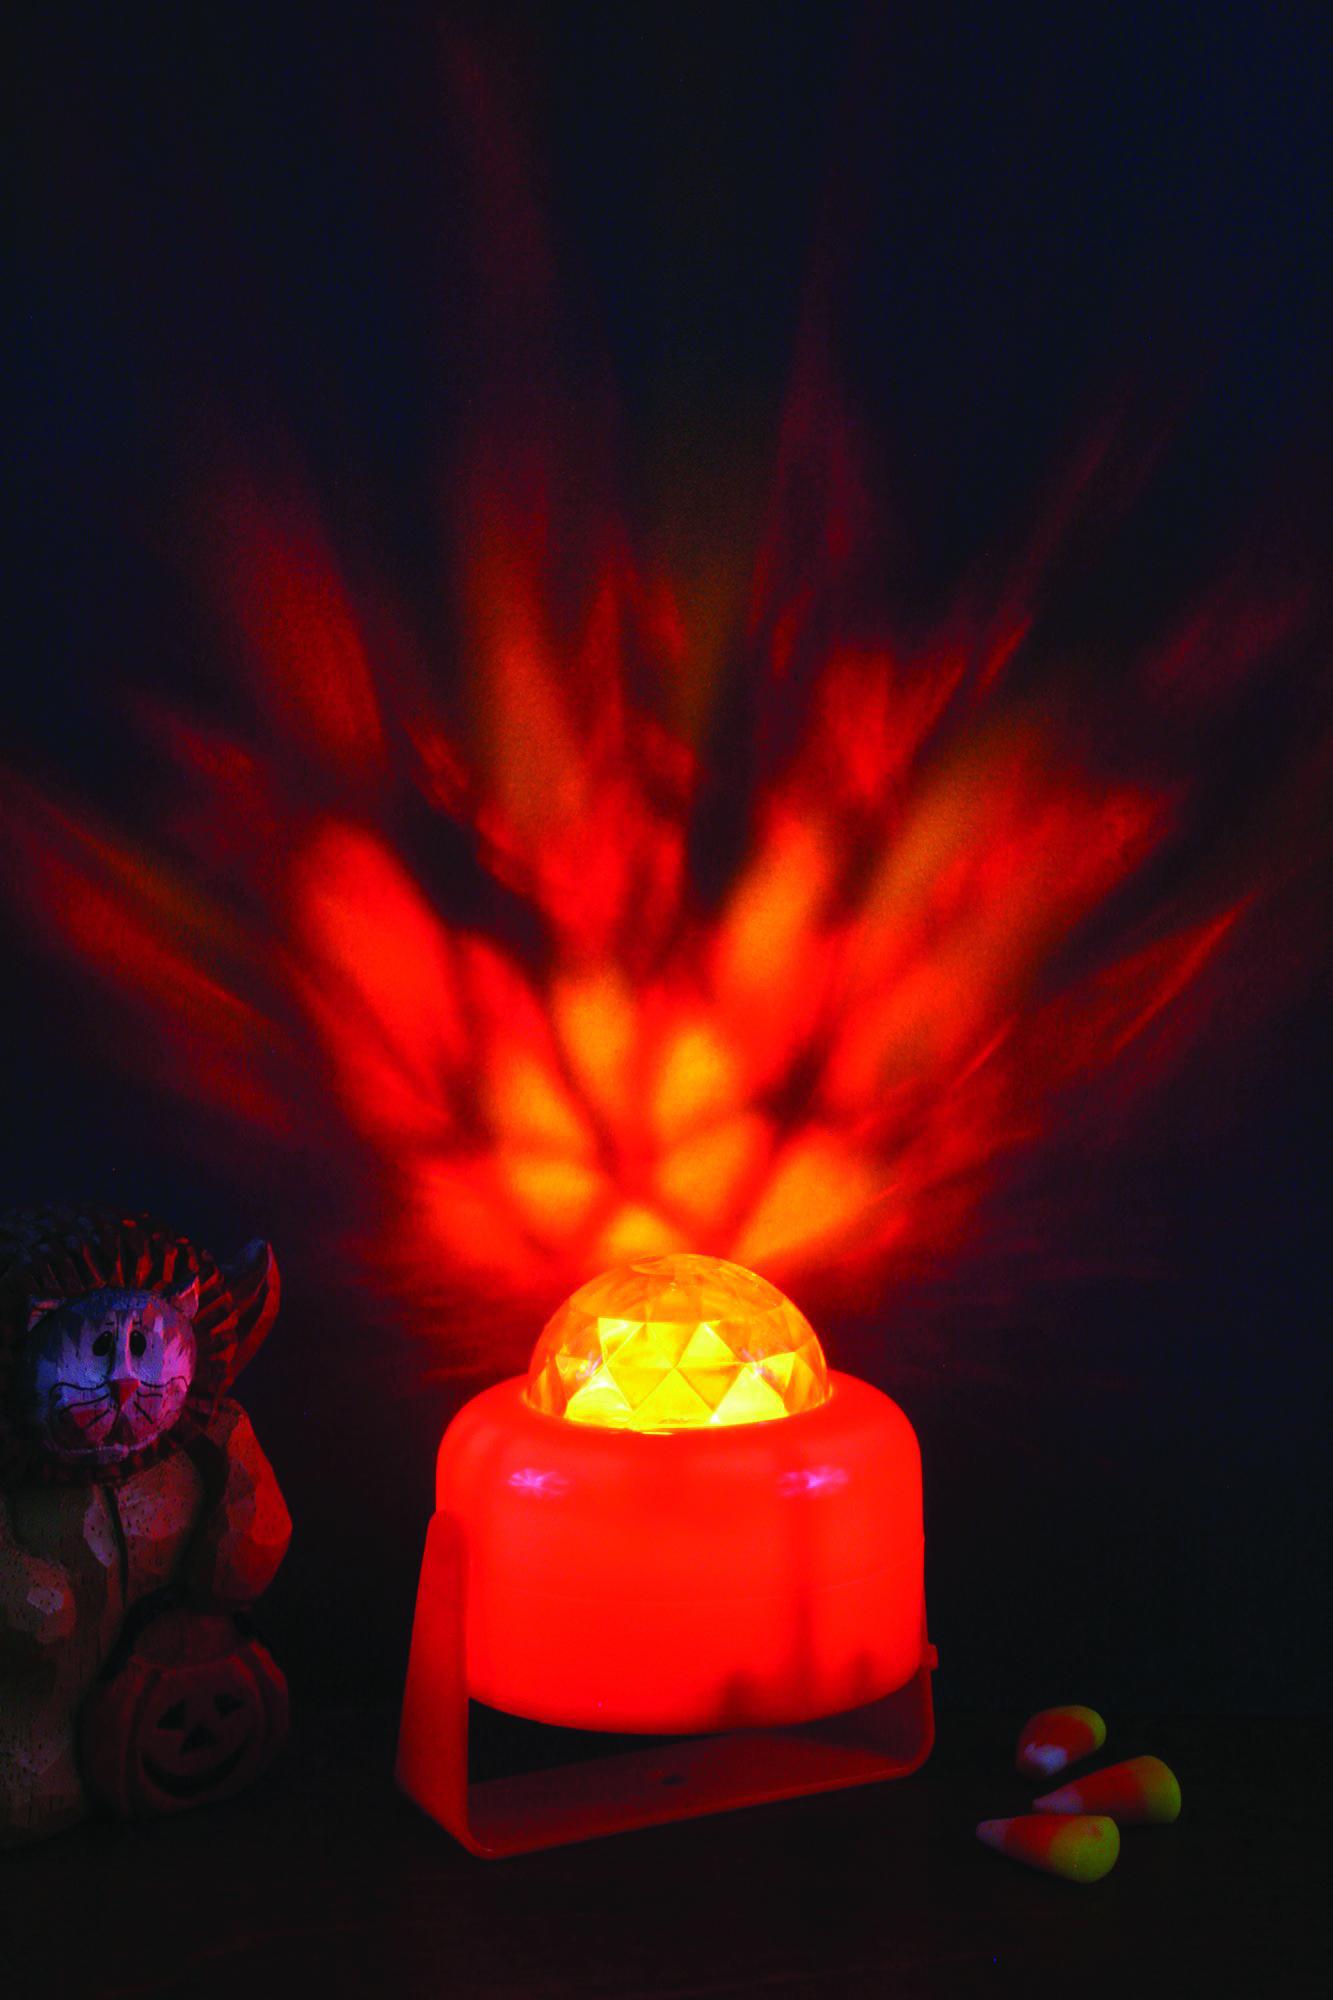 מנורת דיסקו אש מסתובבת